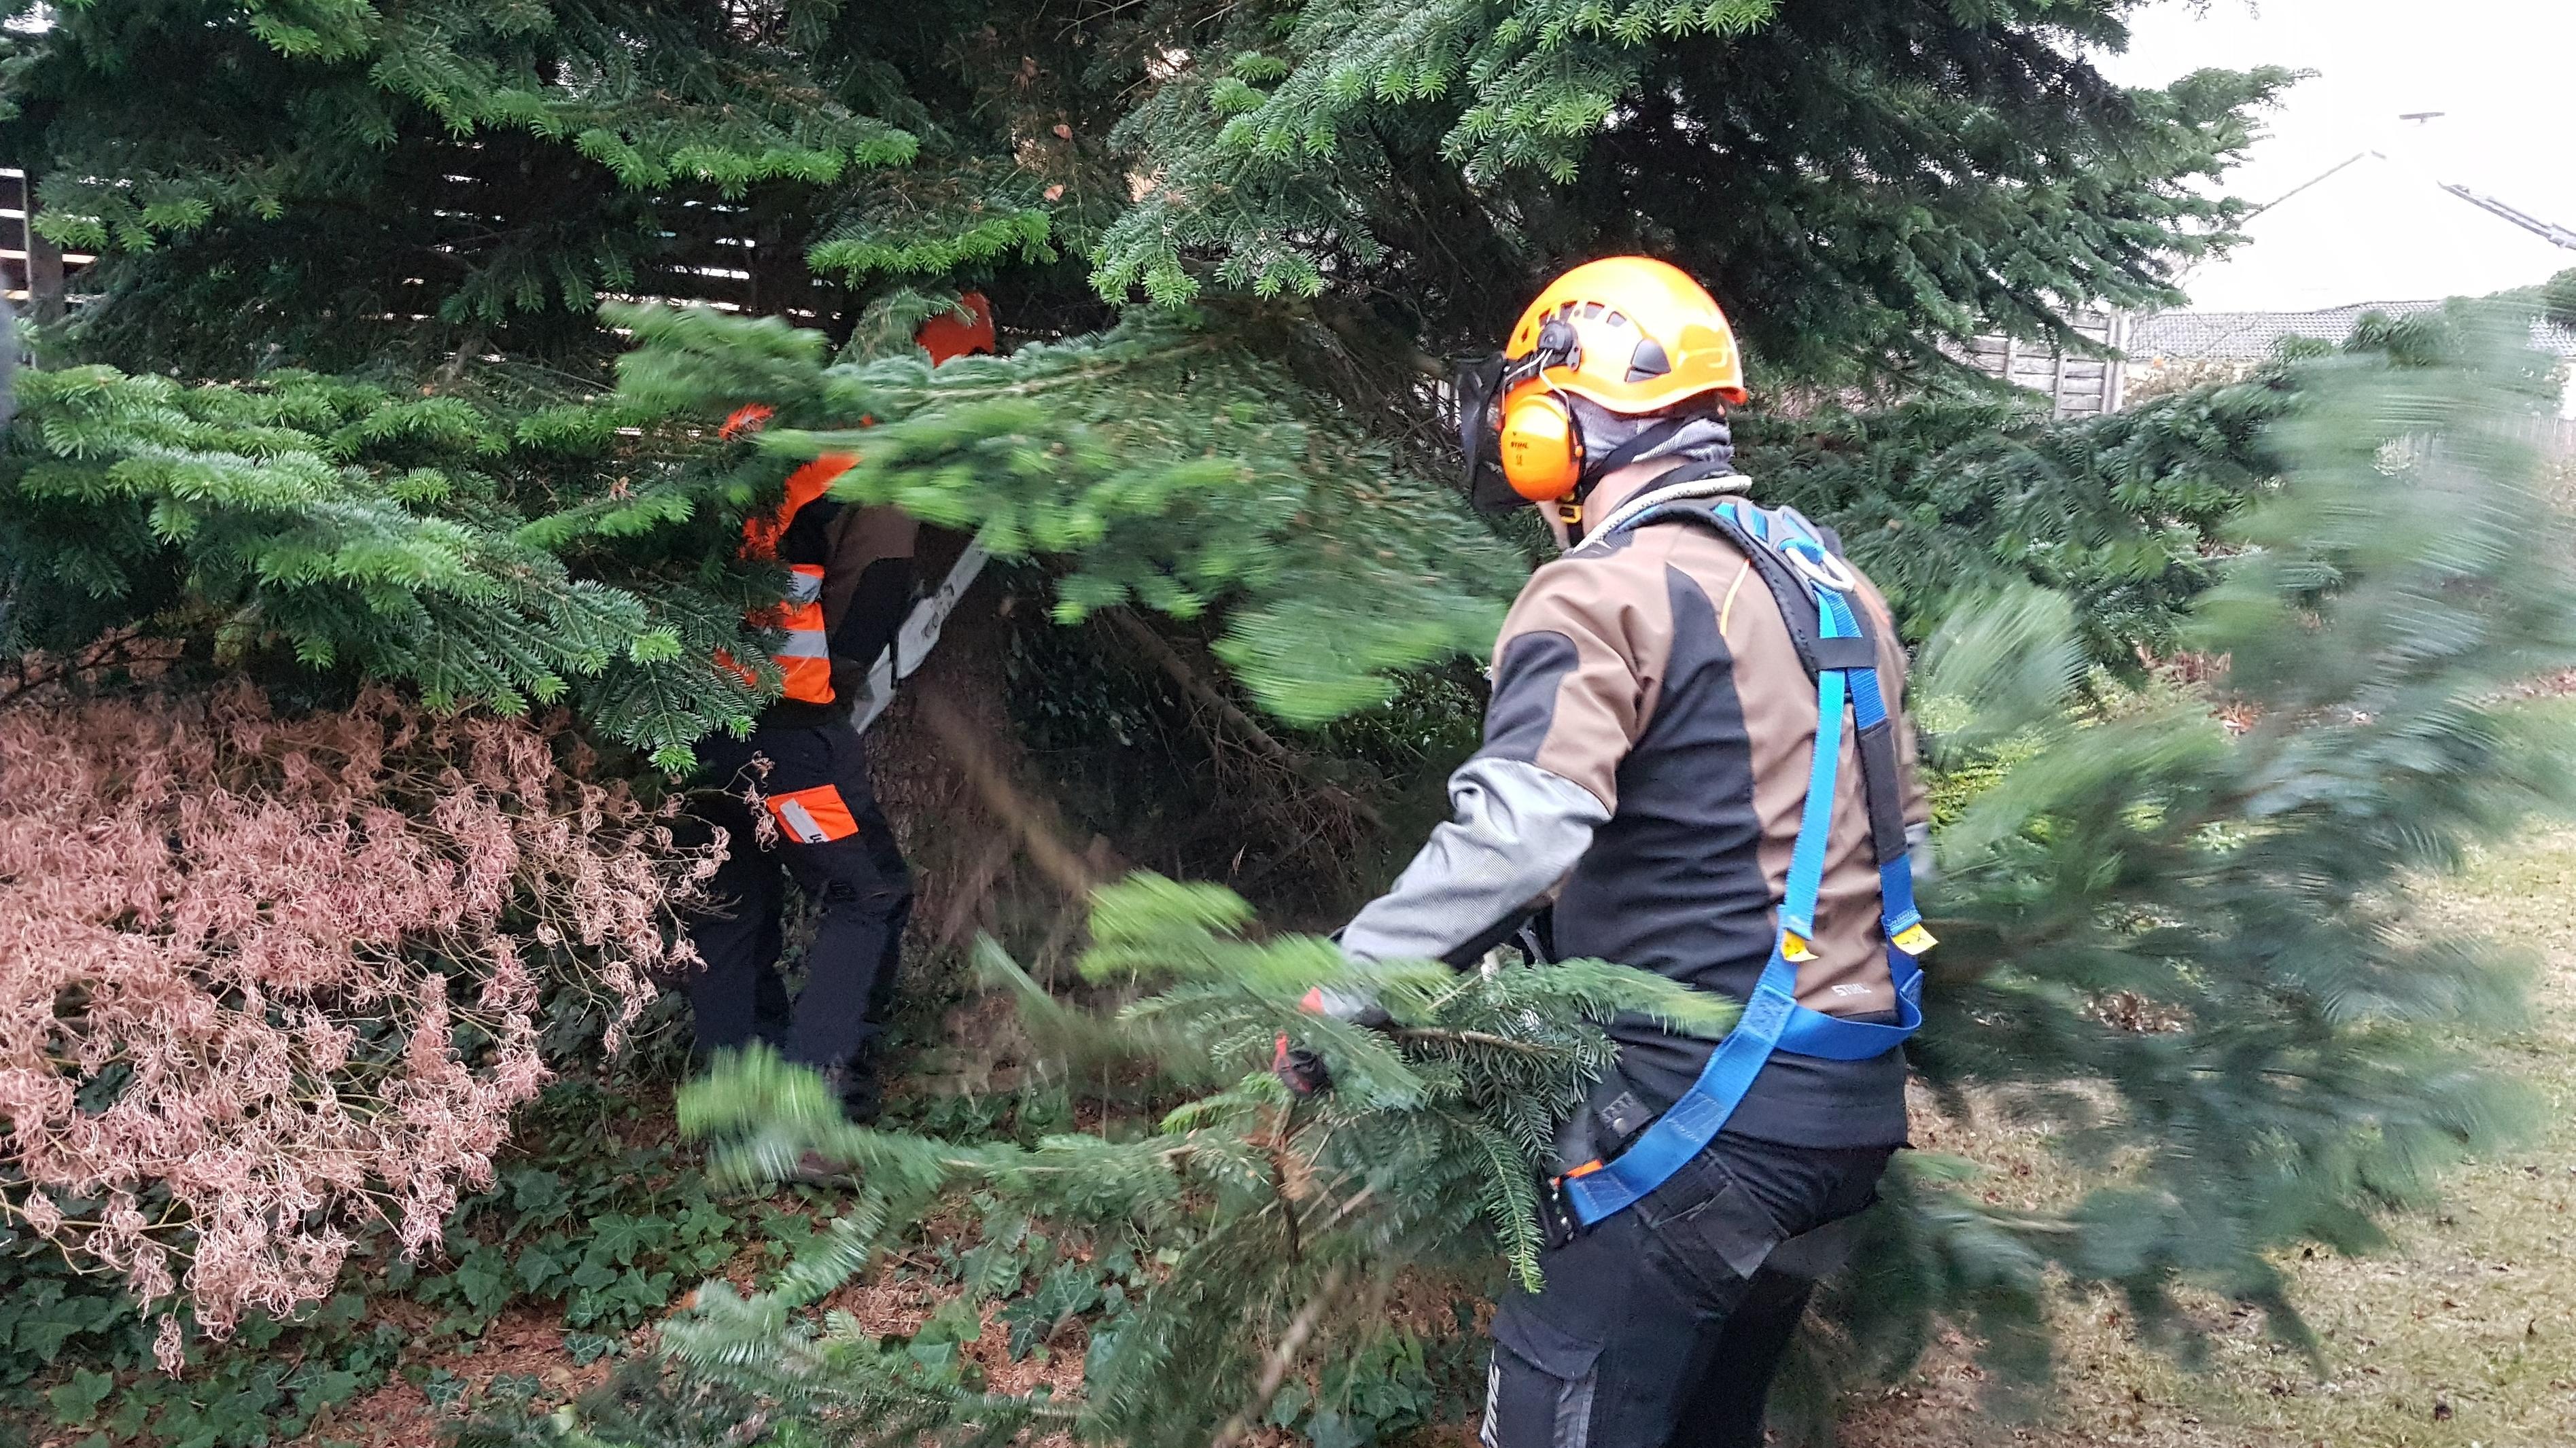 Mitarbeiter des Gartenamtes bereiten den Riesen-Christbaum zum Abtransport vor